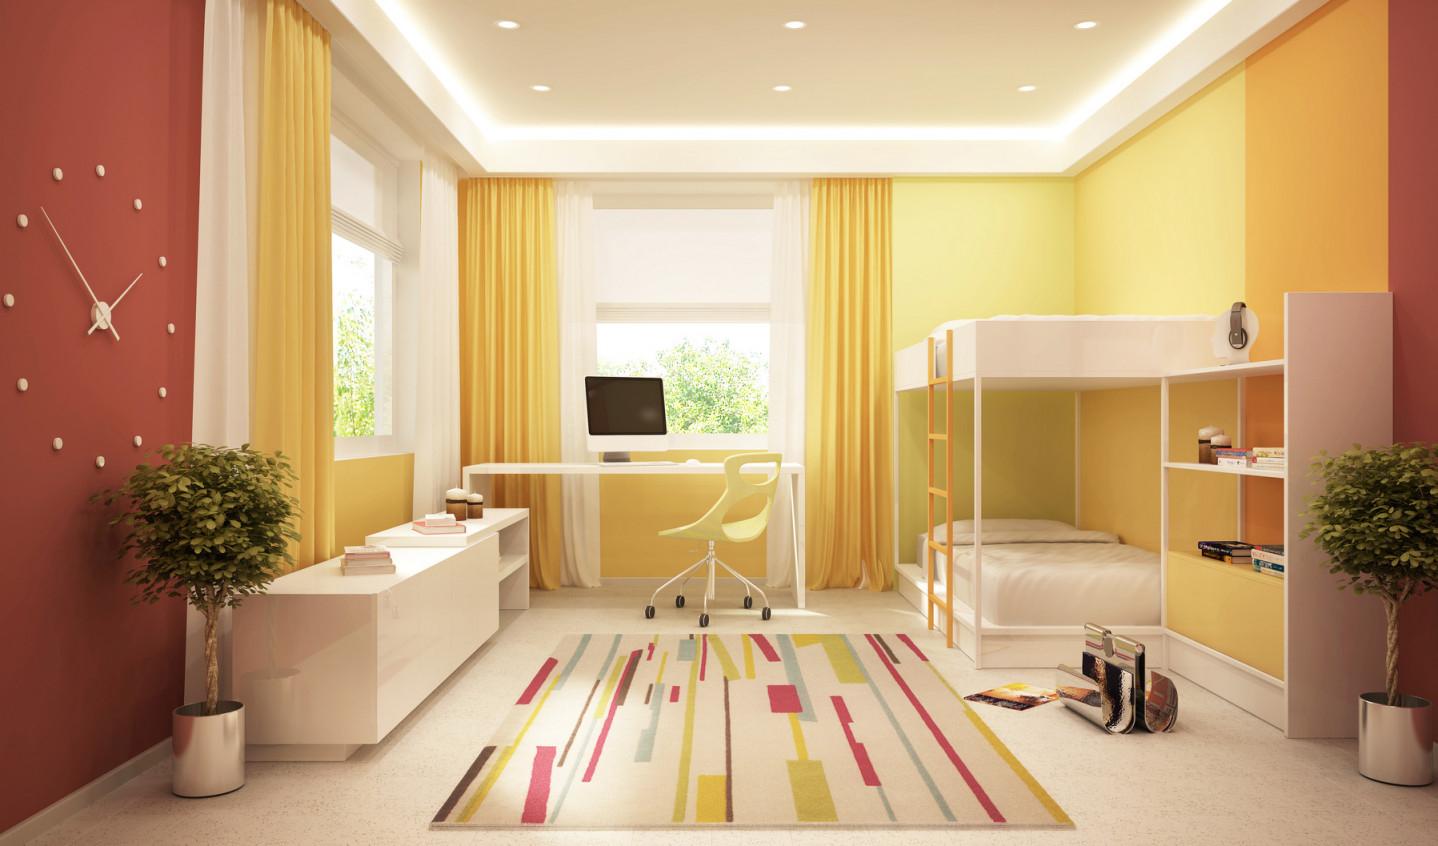 Gardinen 6 Ideen Für Das Wohnzimmer von Gardinen Farbe Wohnzimmer Photo